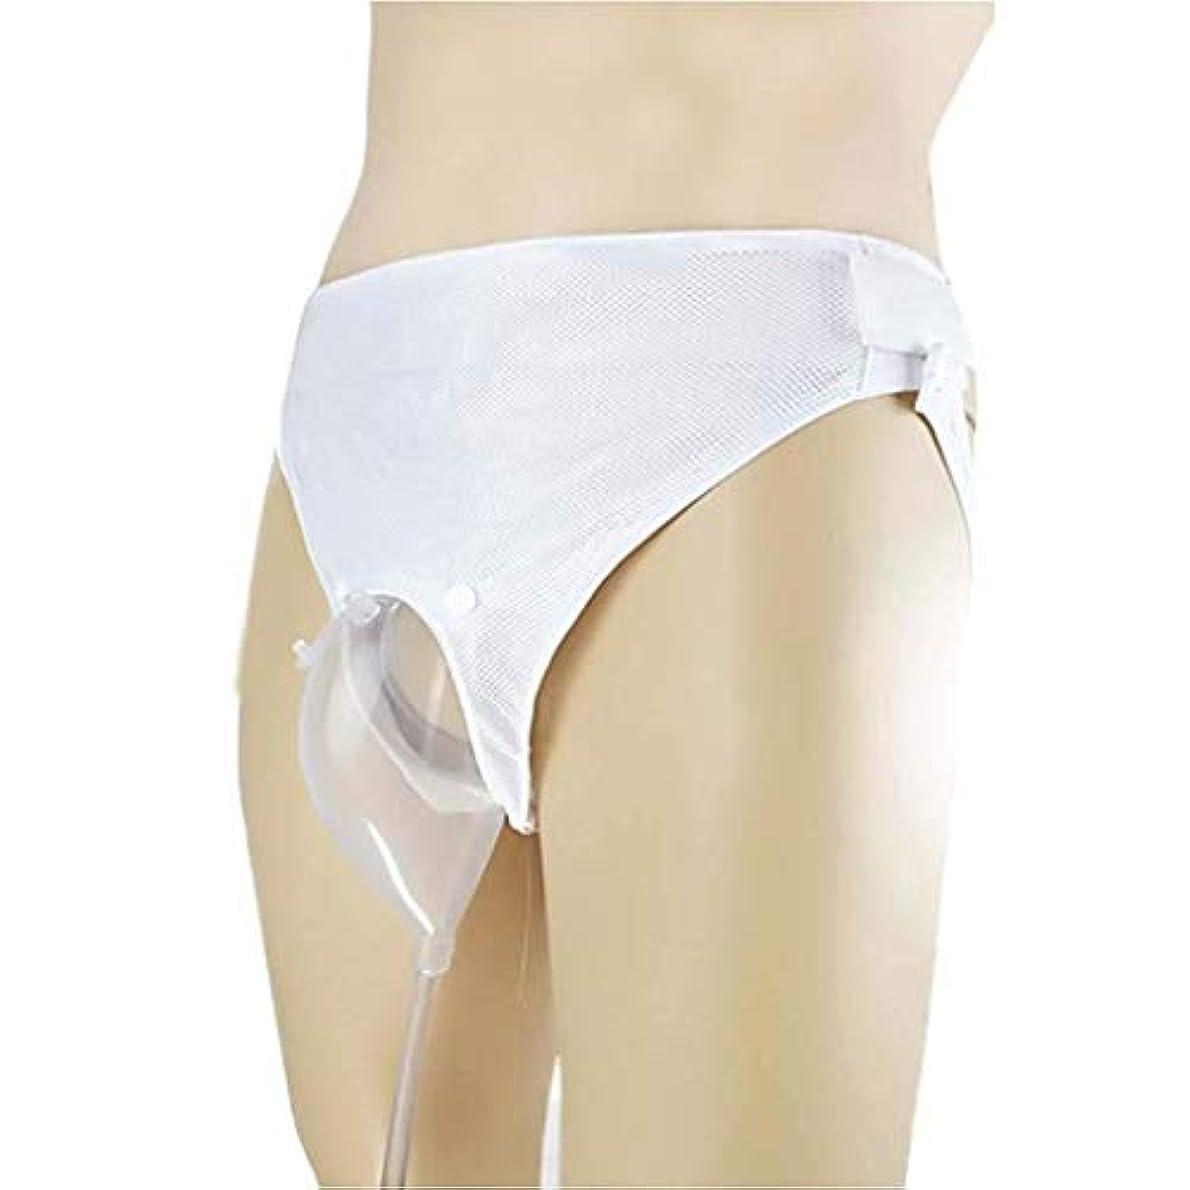 二度自治的流用する大人の尿コレクターポータブルウェアラブル尿失禁パンツ再利用可能なパンツ快適さ通気性尿コレクター (Color : Oldman)